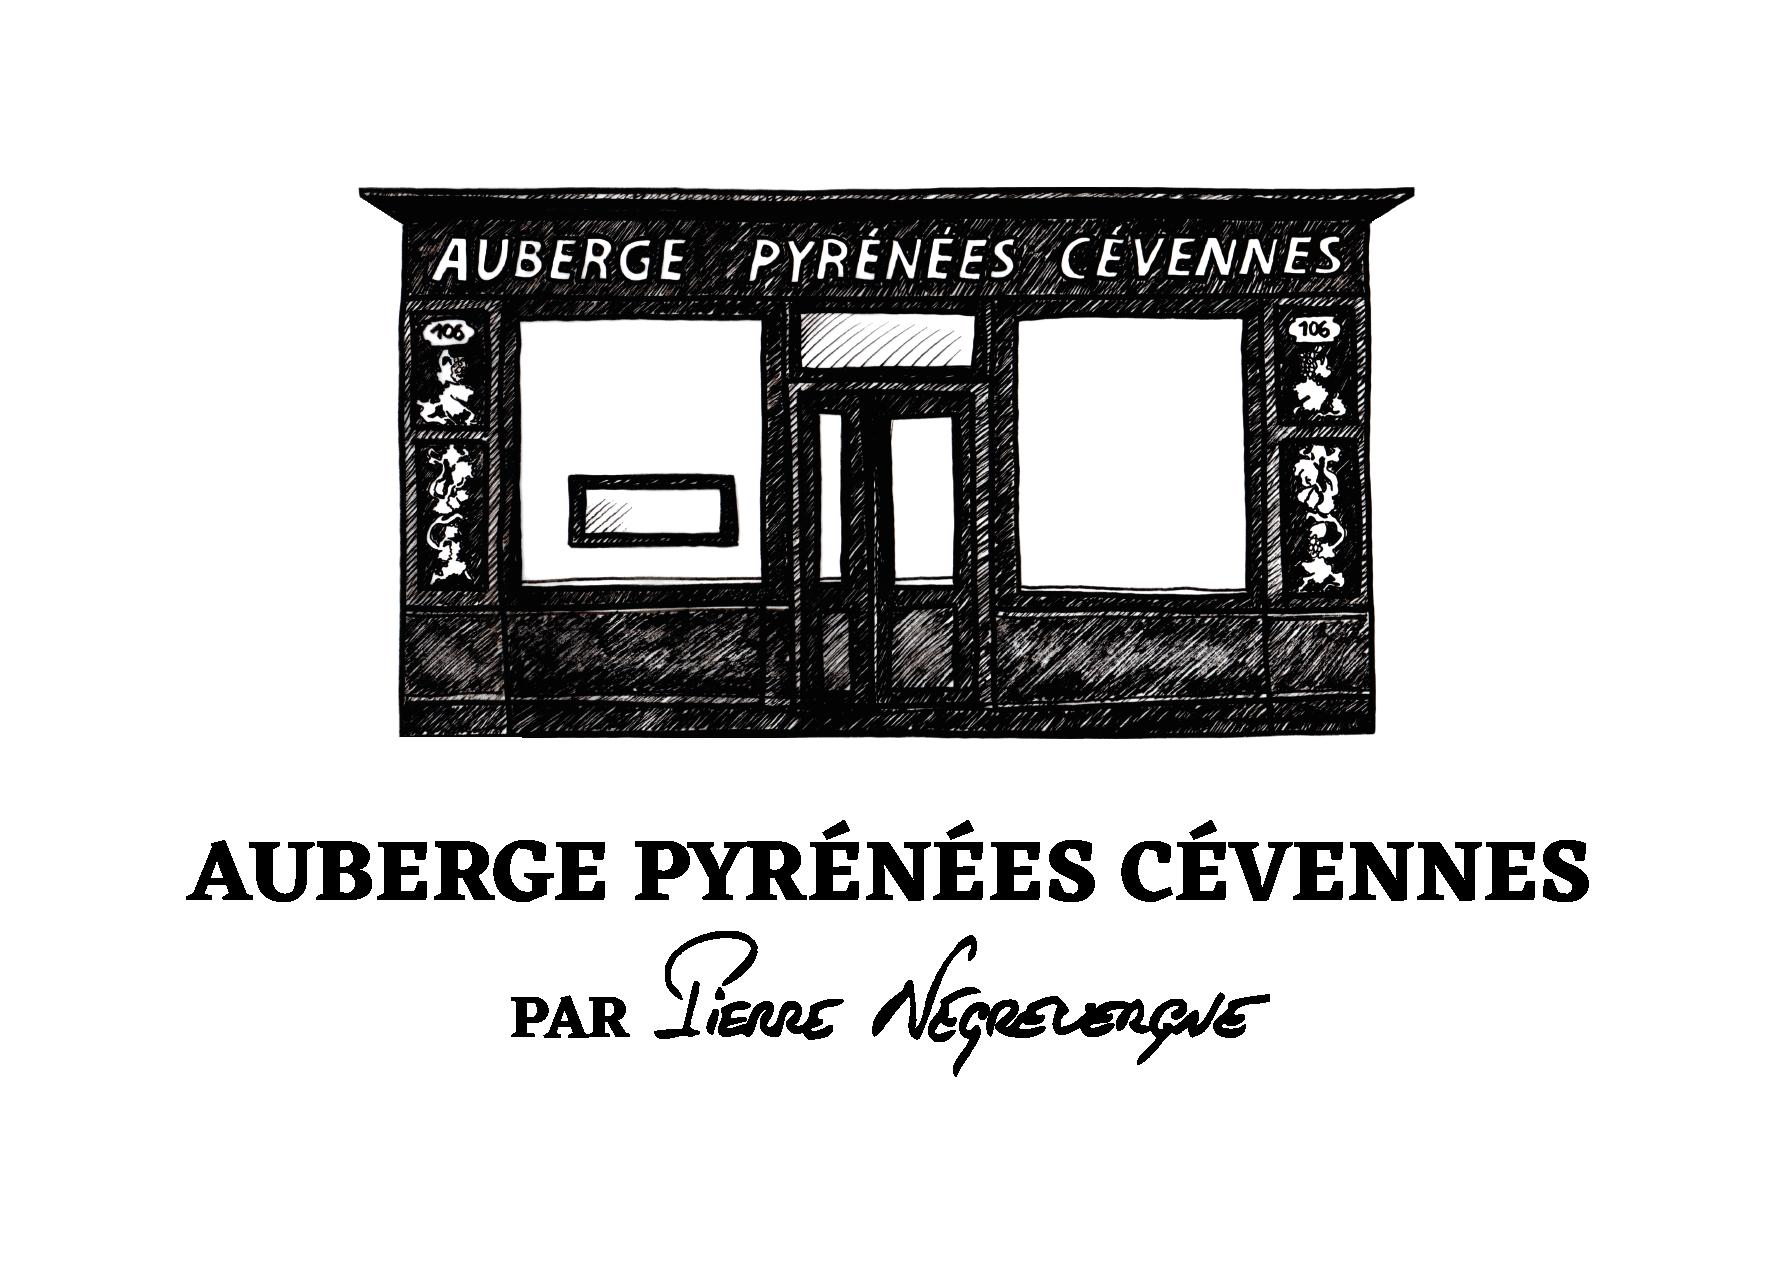 Logo Auberge Pyrénées Cévennes